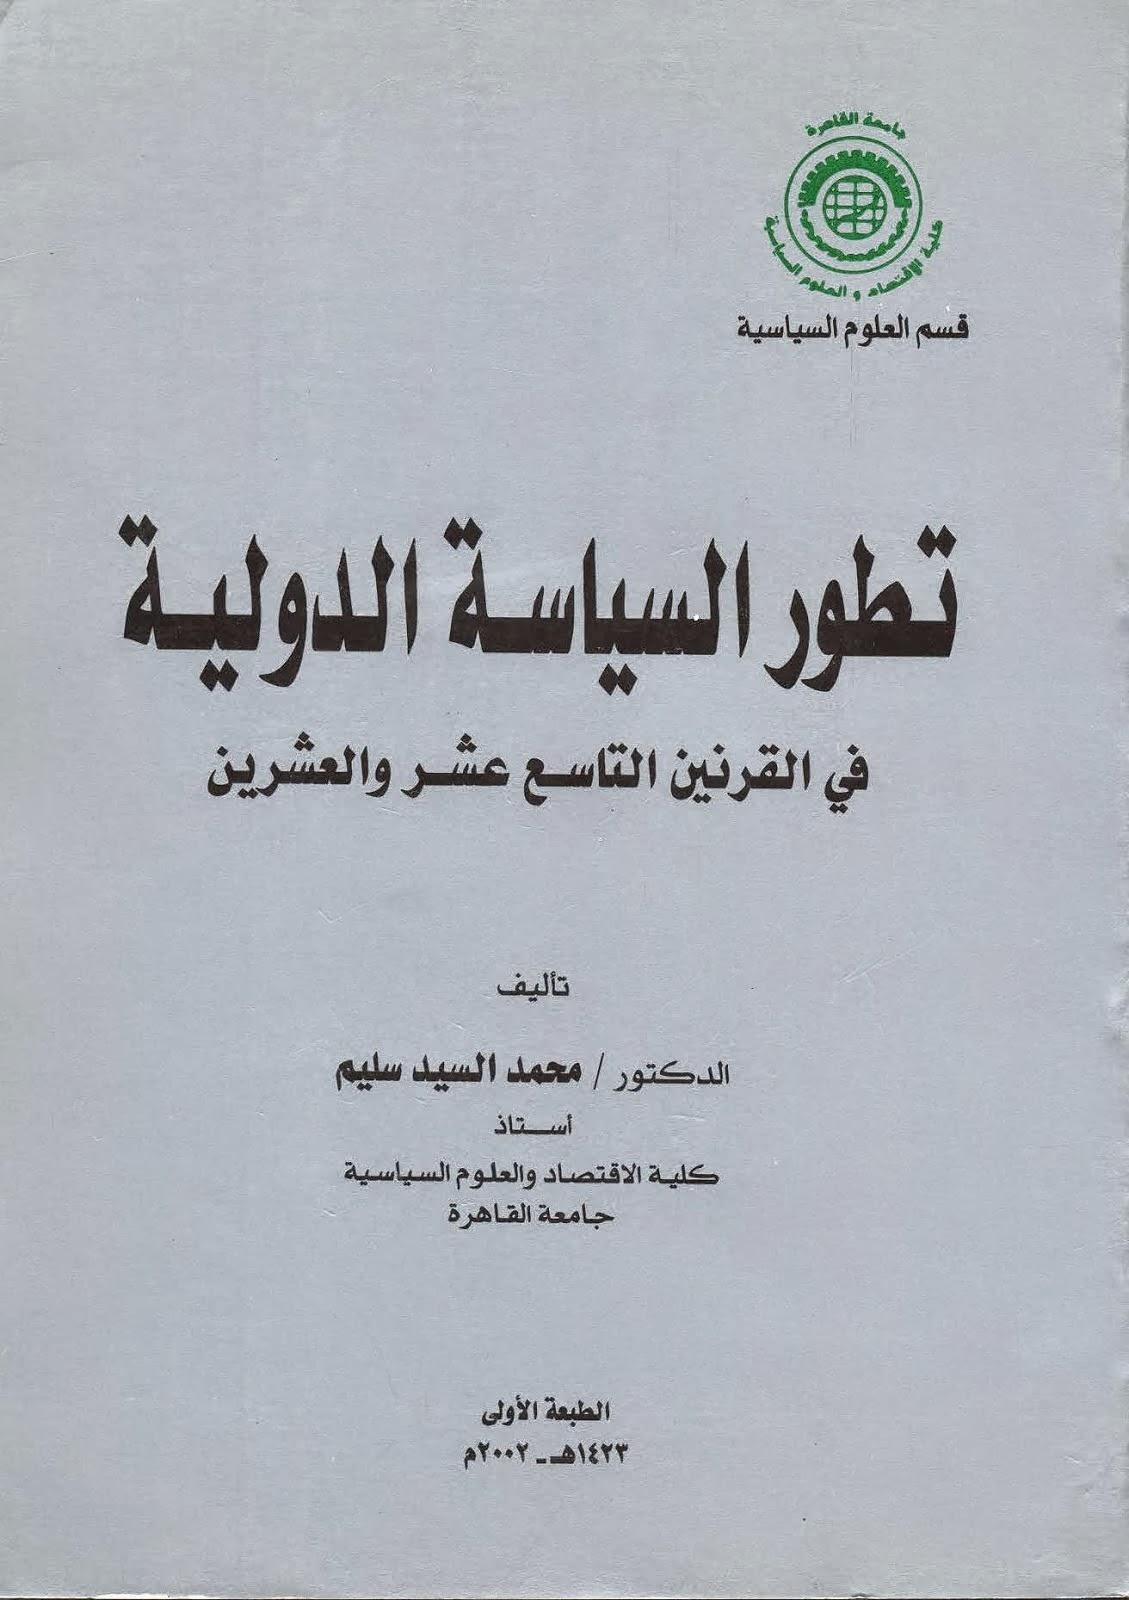 تطور السياسة الدولية في القرنين التاسع عشر والعشرين - محمد السيد سليم